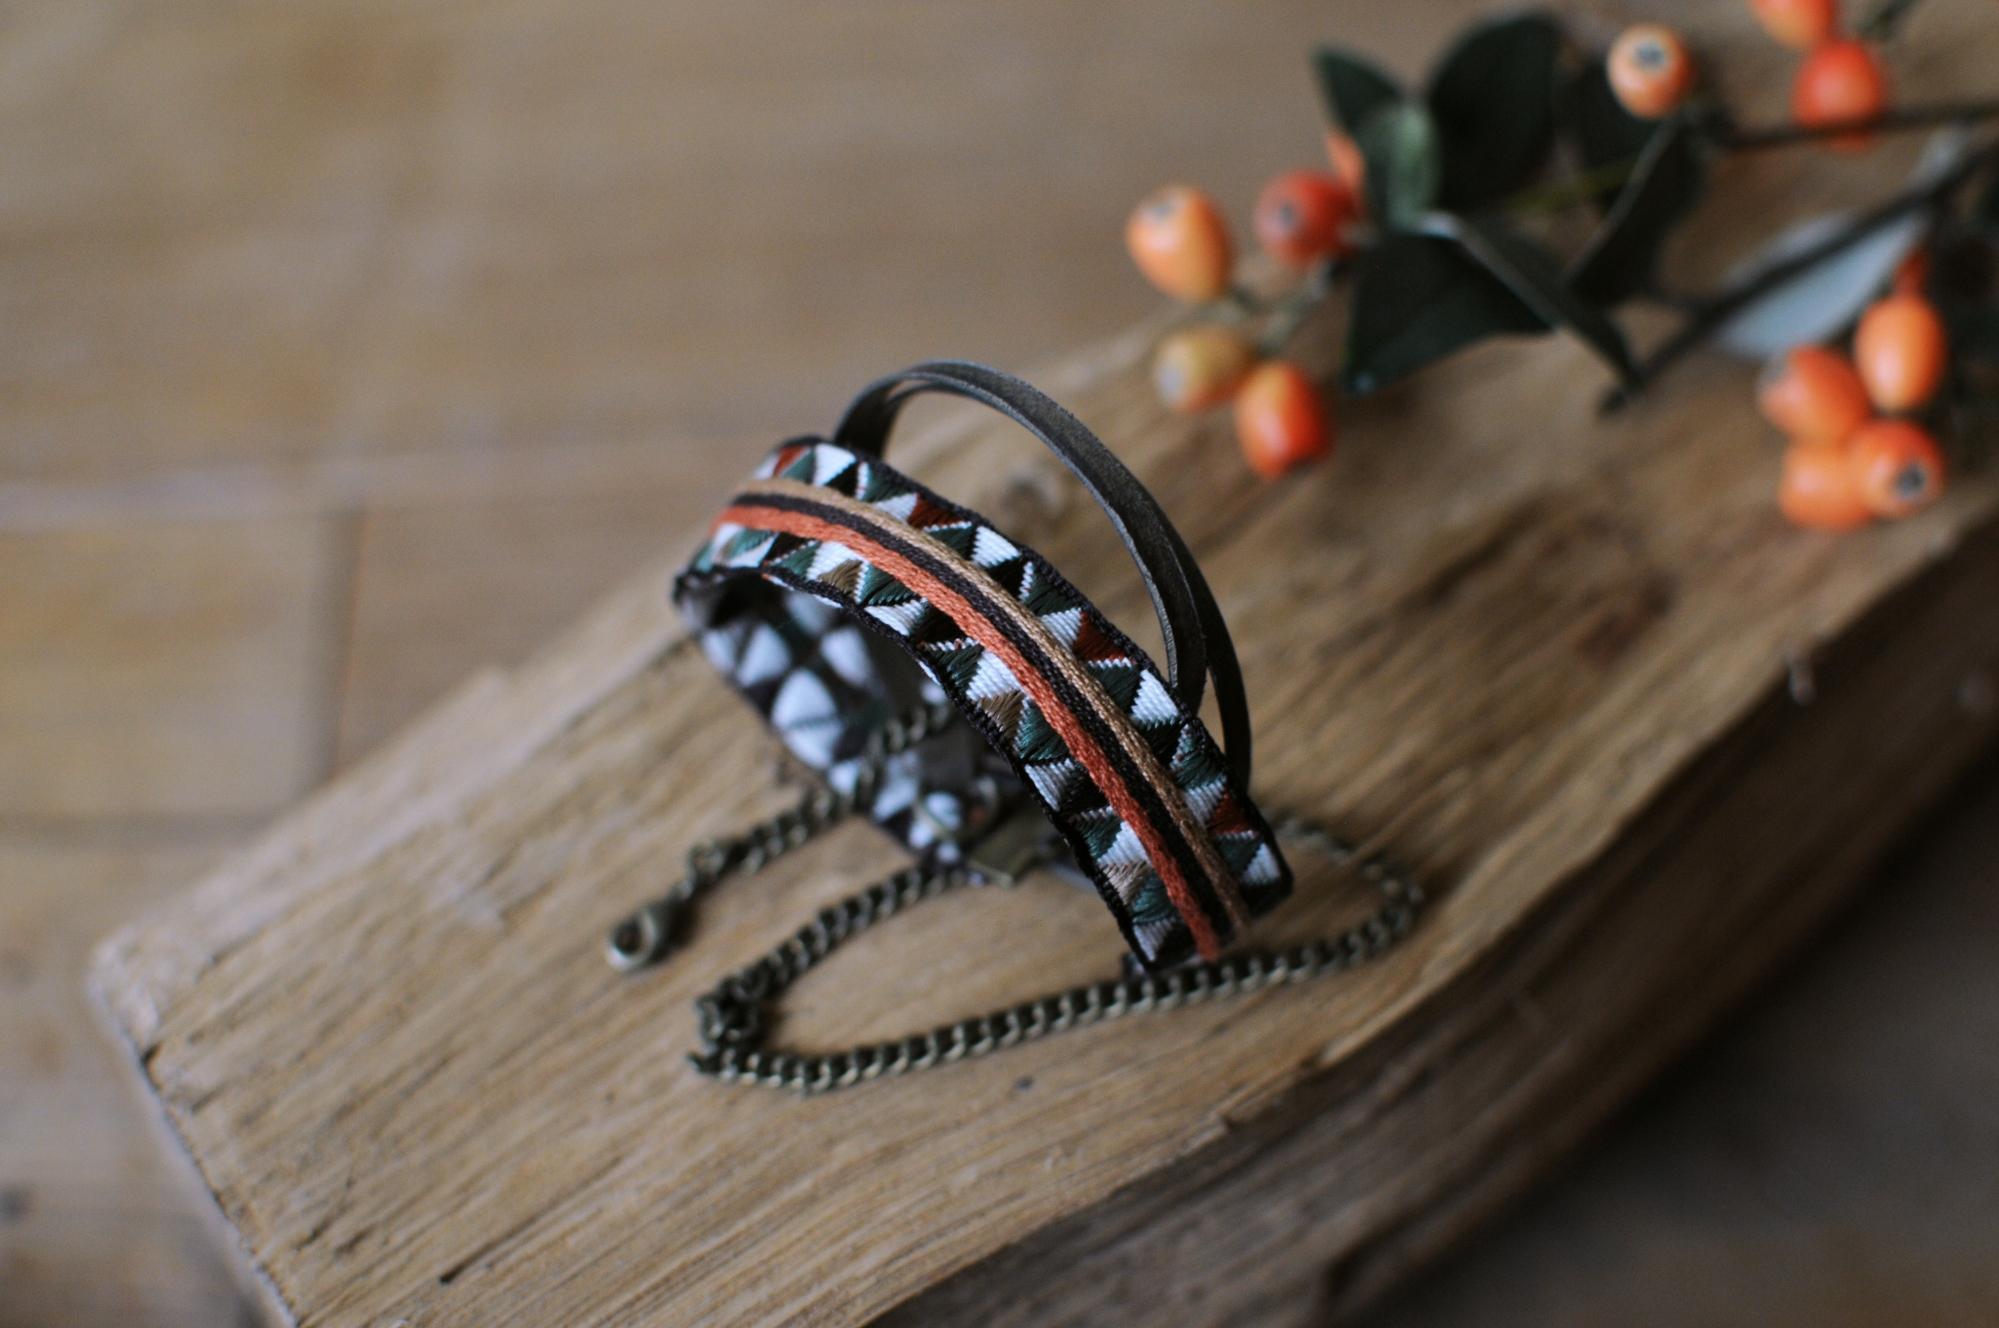 bracelet apoi ruban cuir laiton chaine